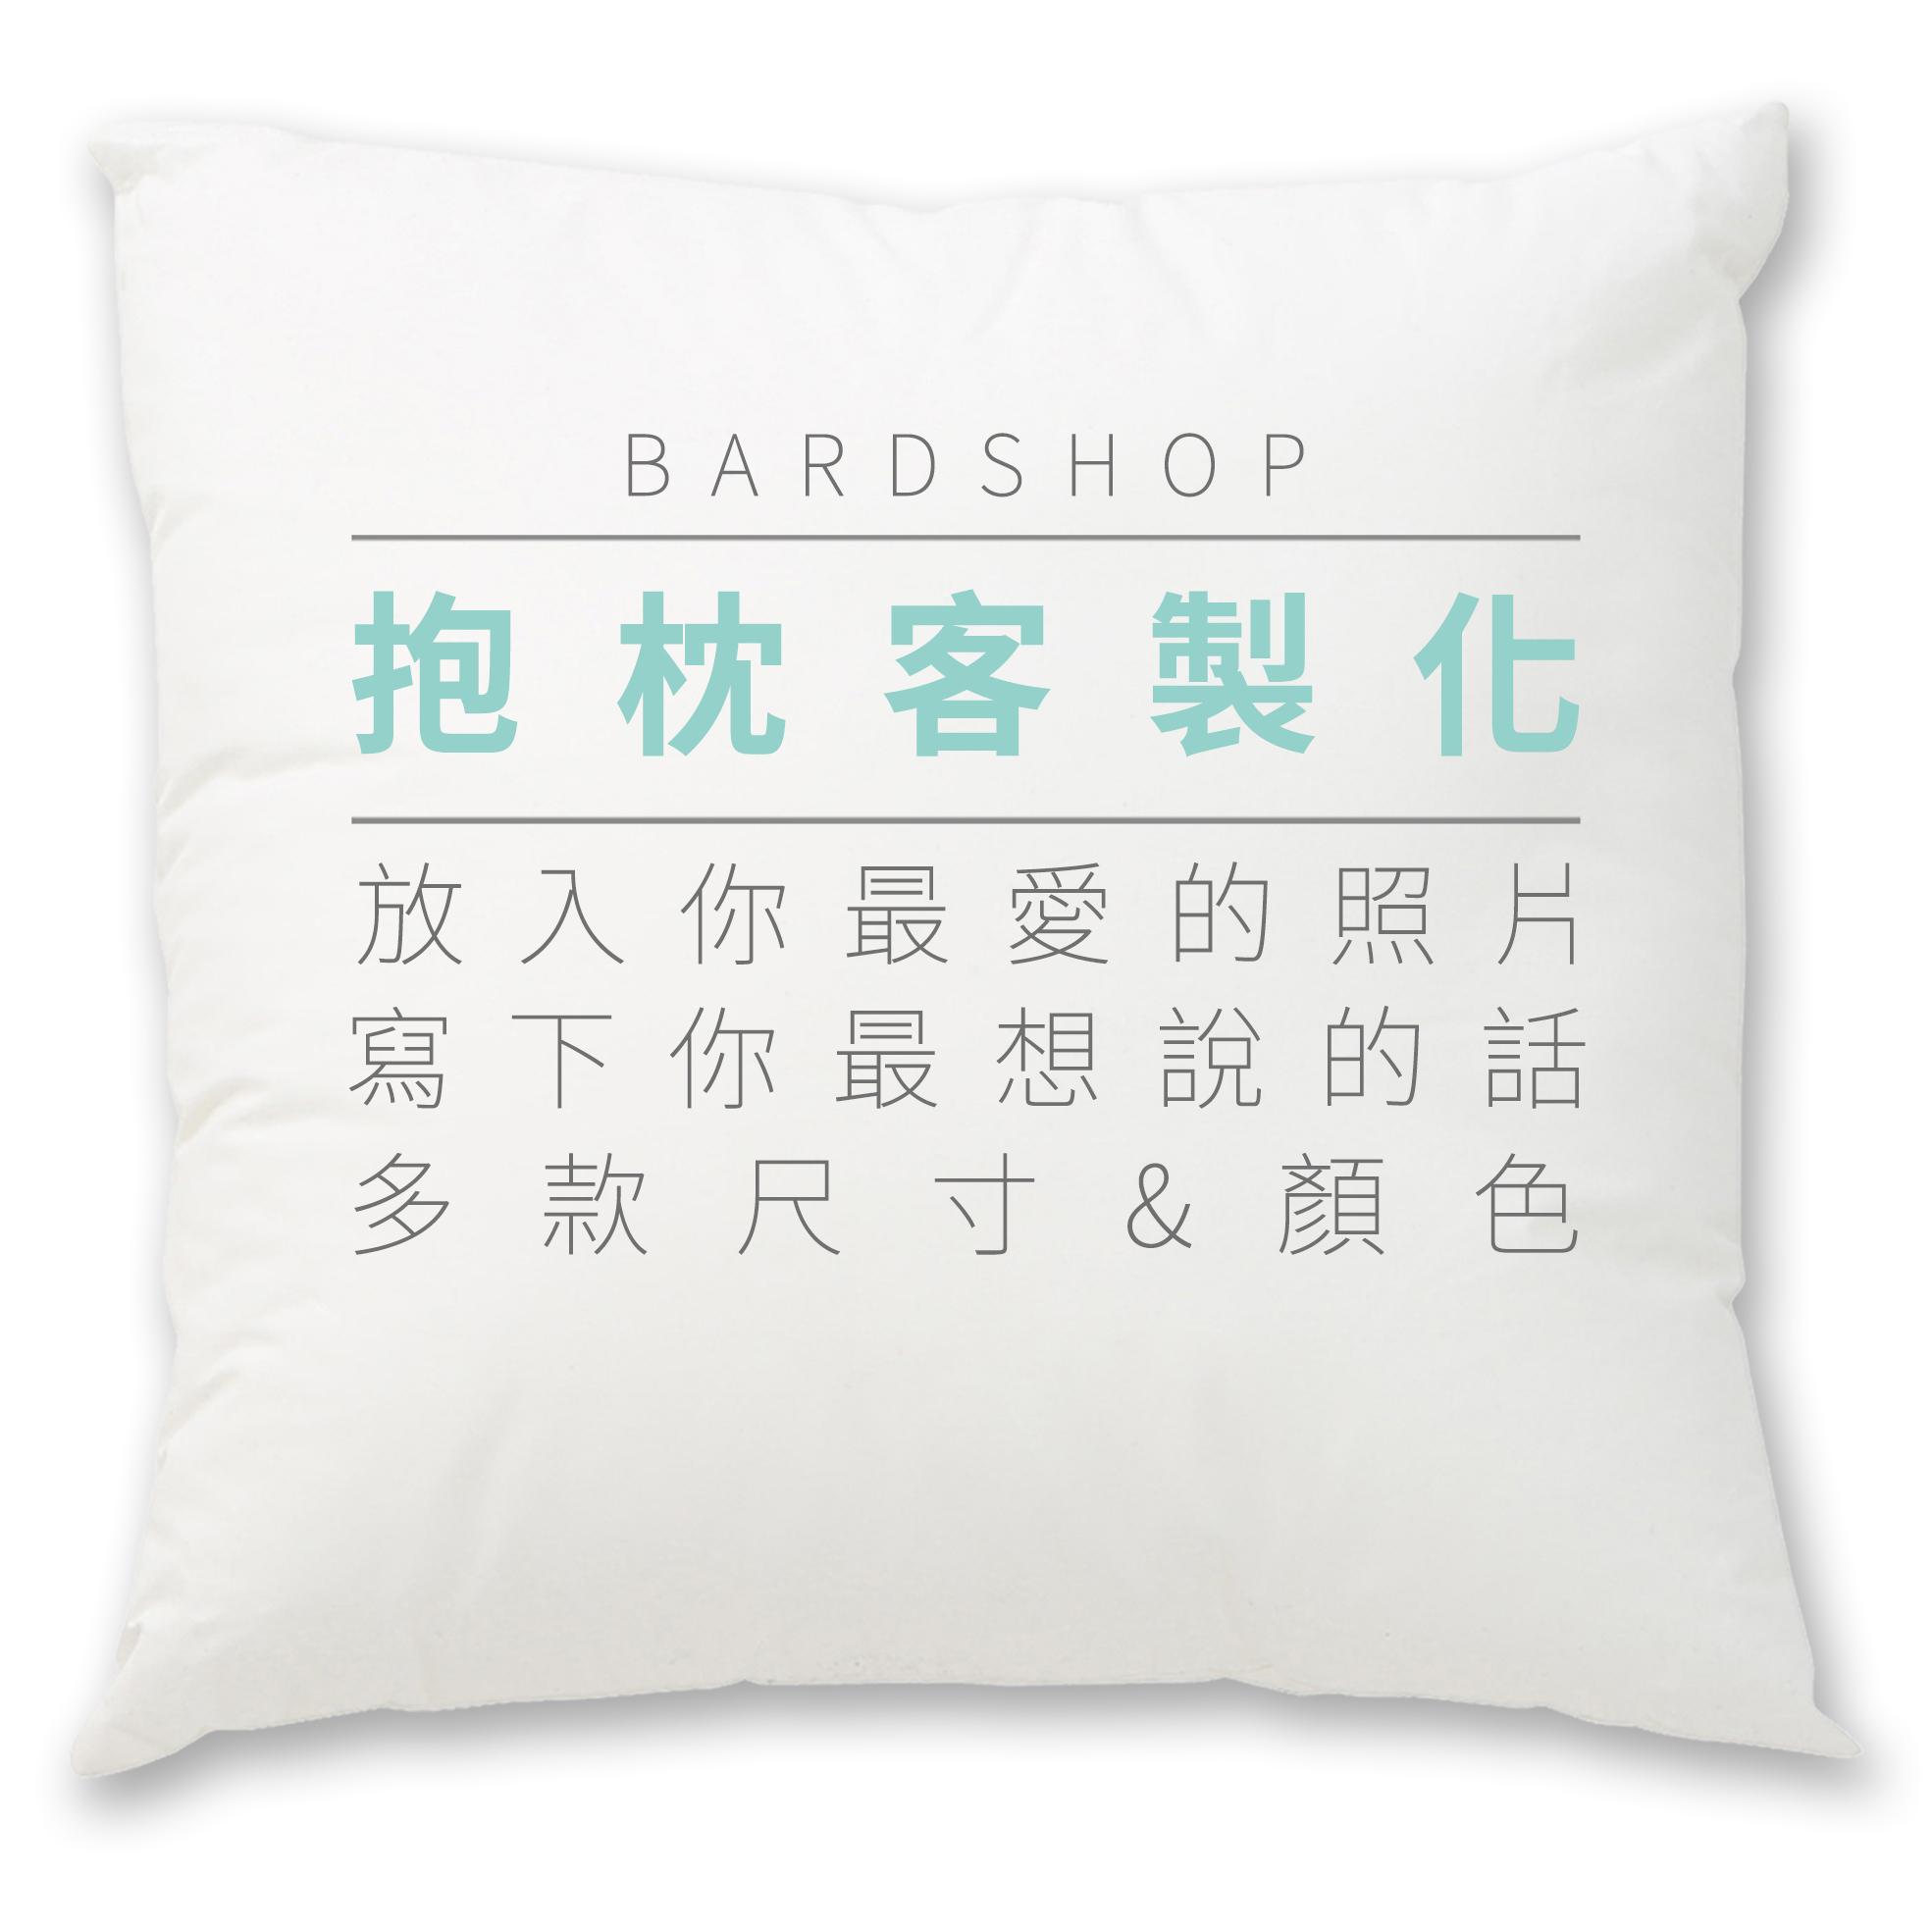 【客製圖案】Bardshop客製手工絨毛布抱枕-質感客製 DIY不再困難 工廠直營/無框畫/客製化/質感家具